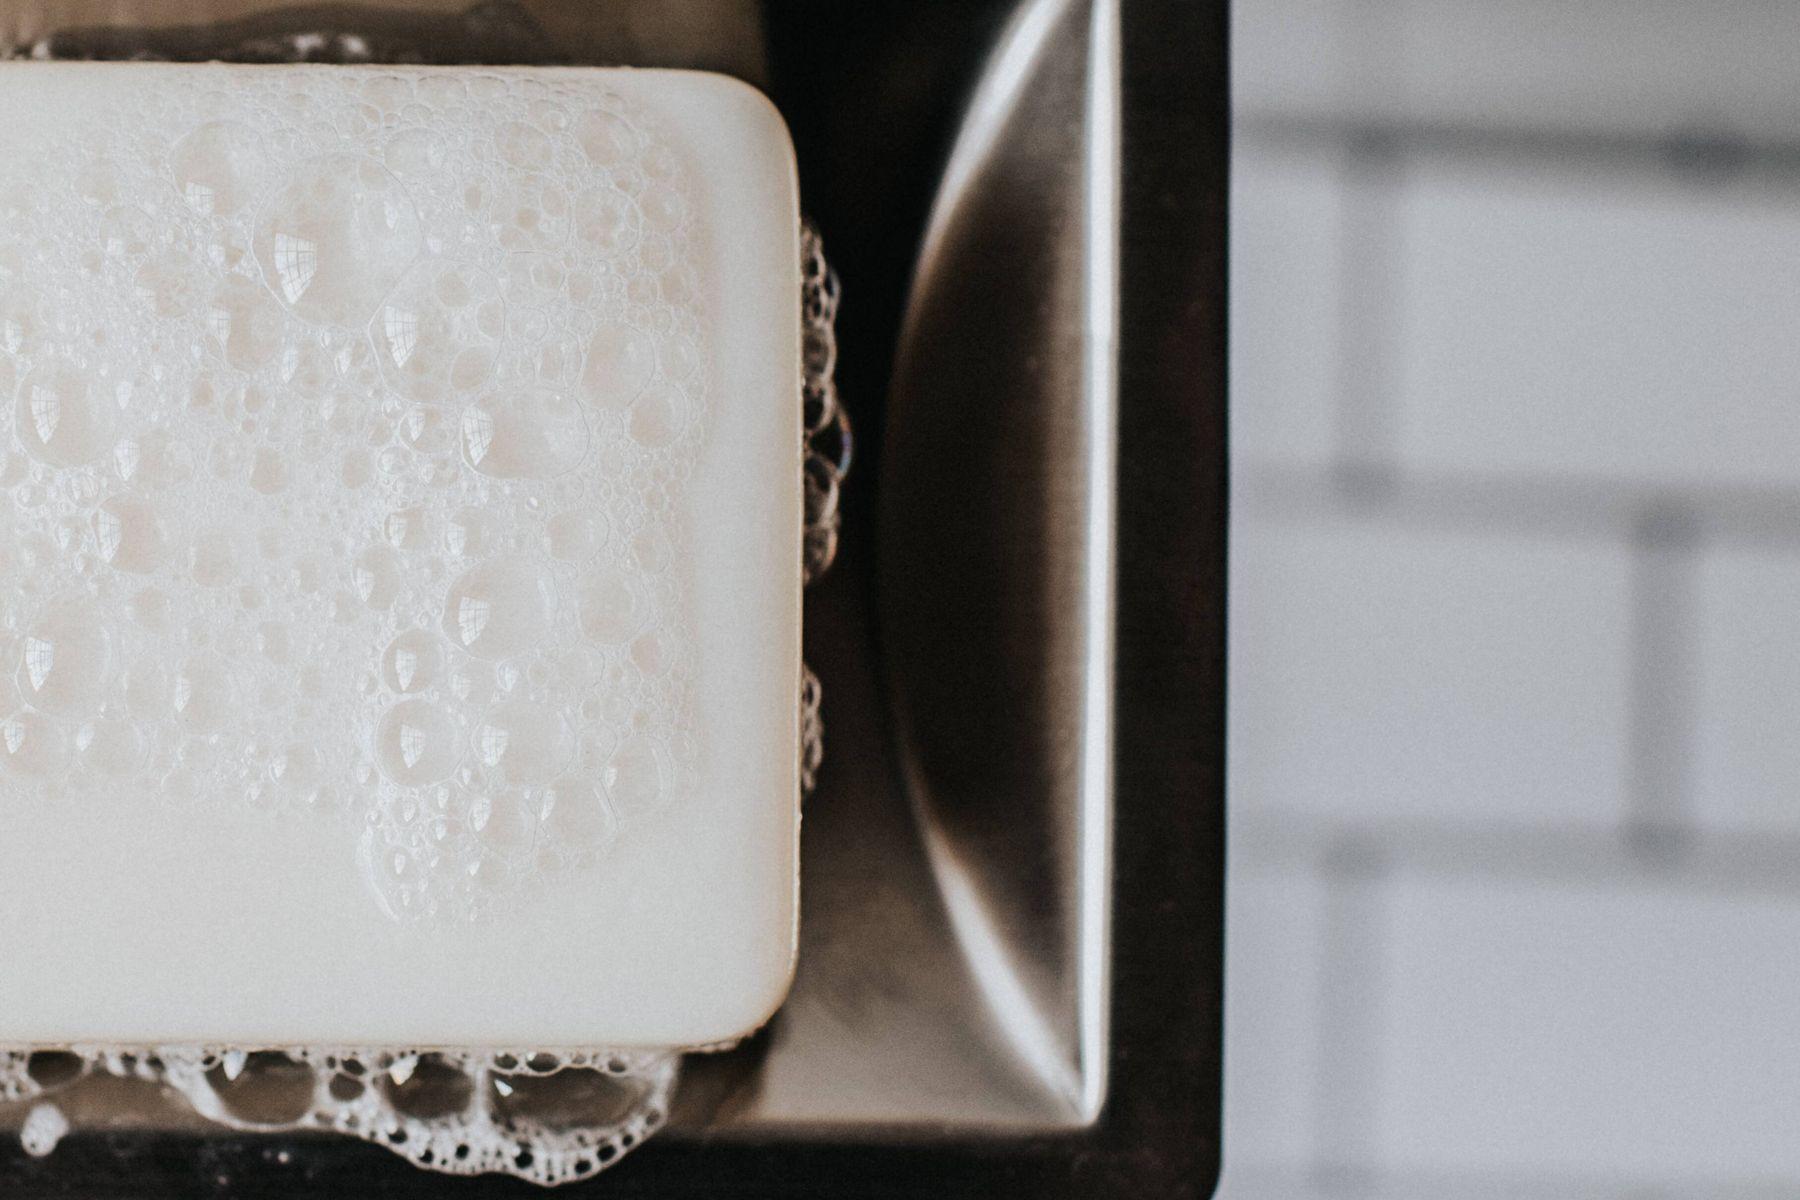 Sabundan deterjan yapmak için ihtiyacınız olan tek şey bir kalıp beyaz sabun ve biraz su.